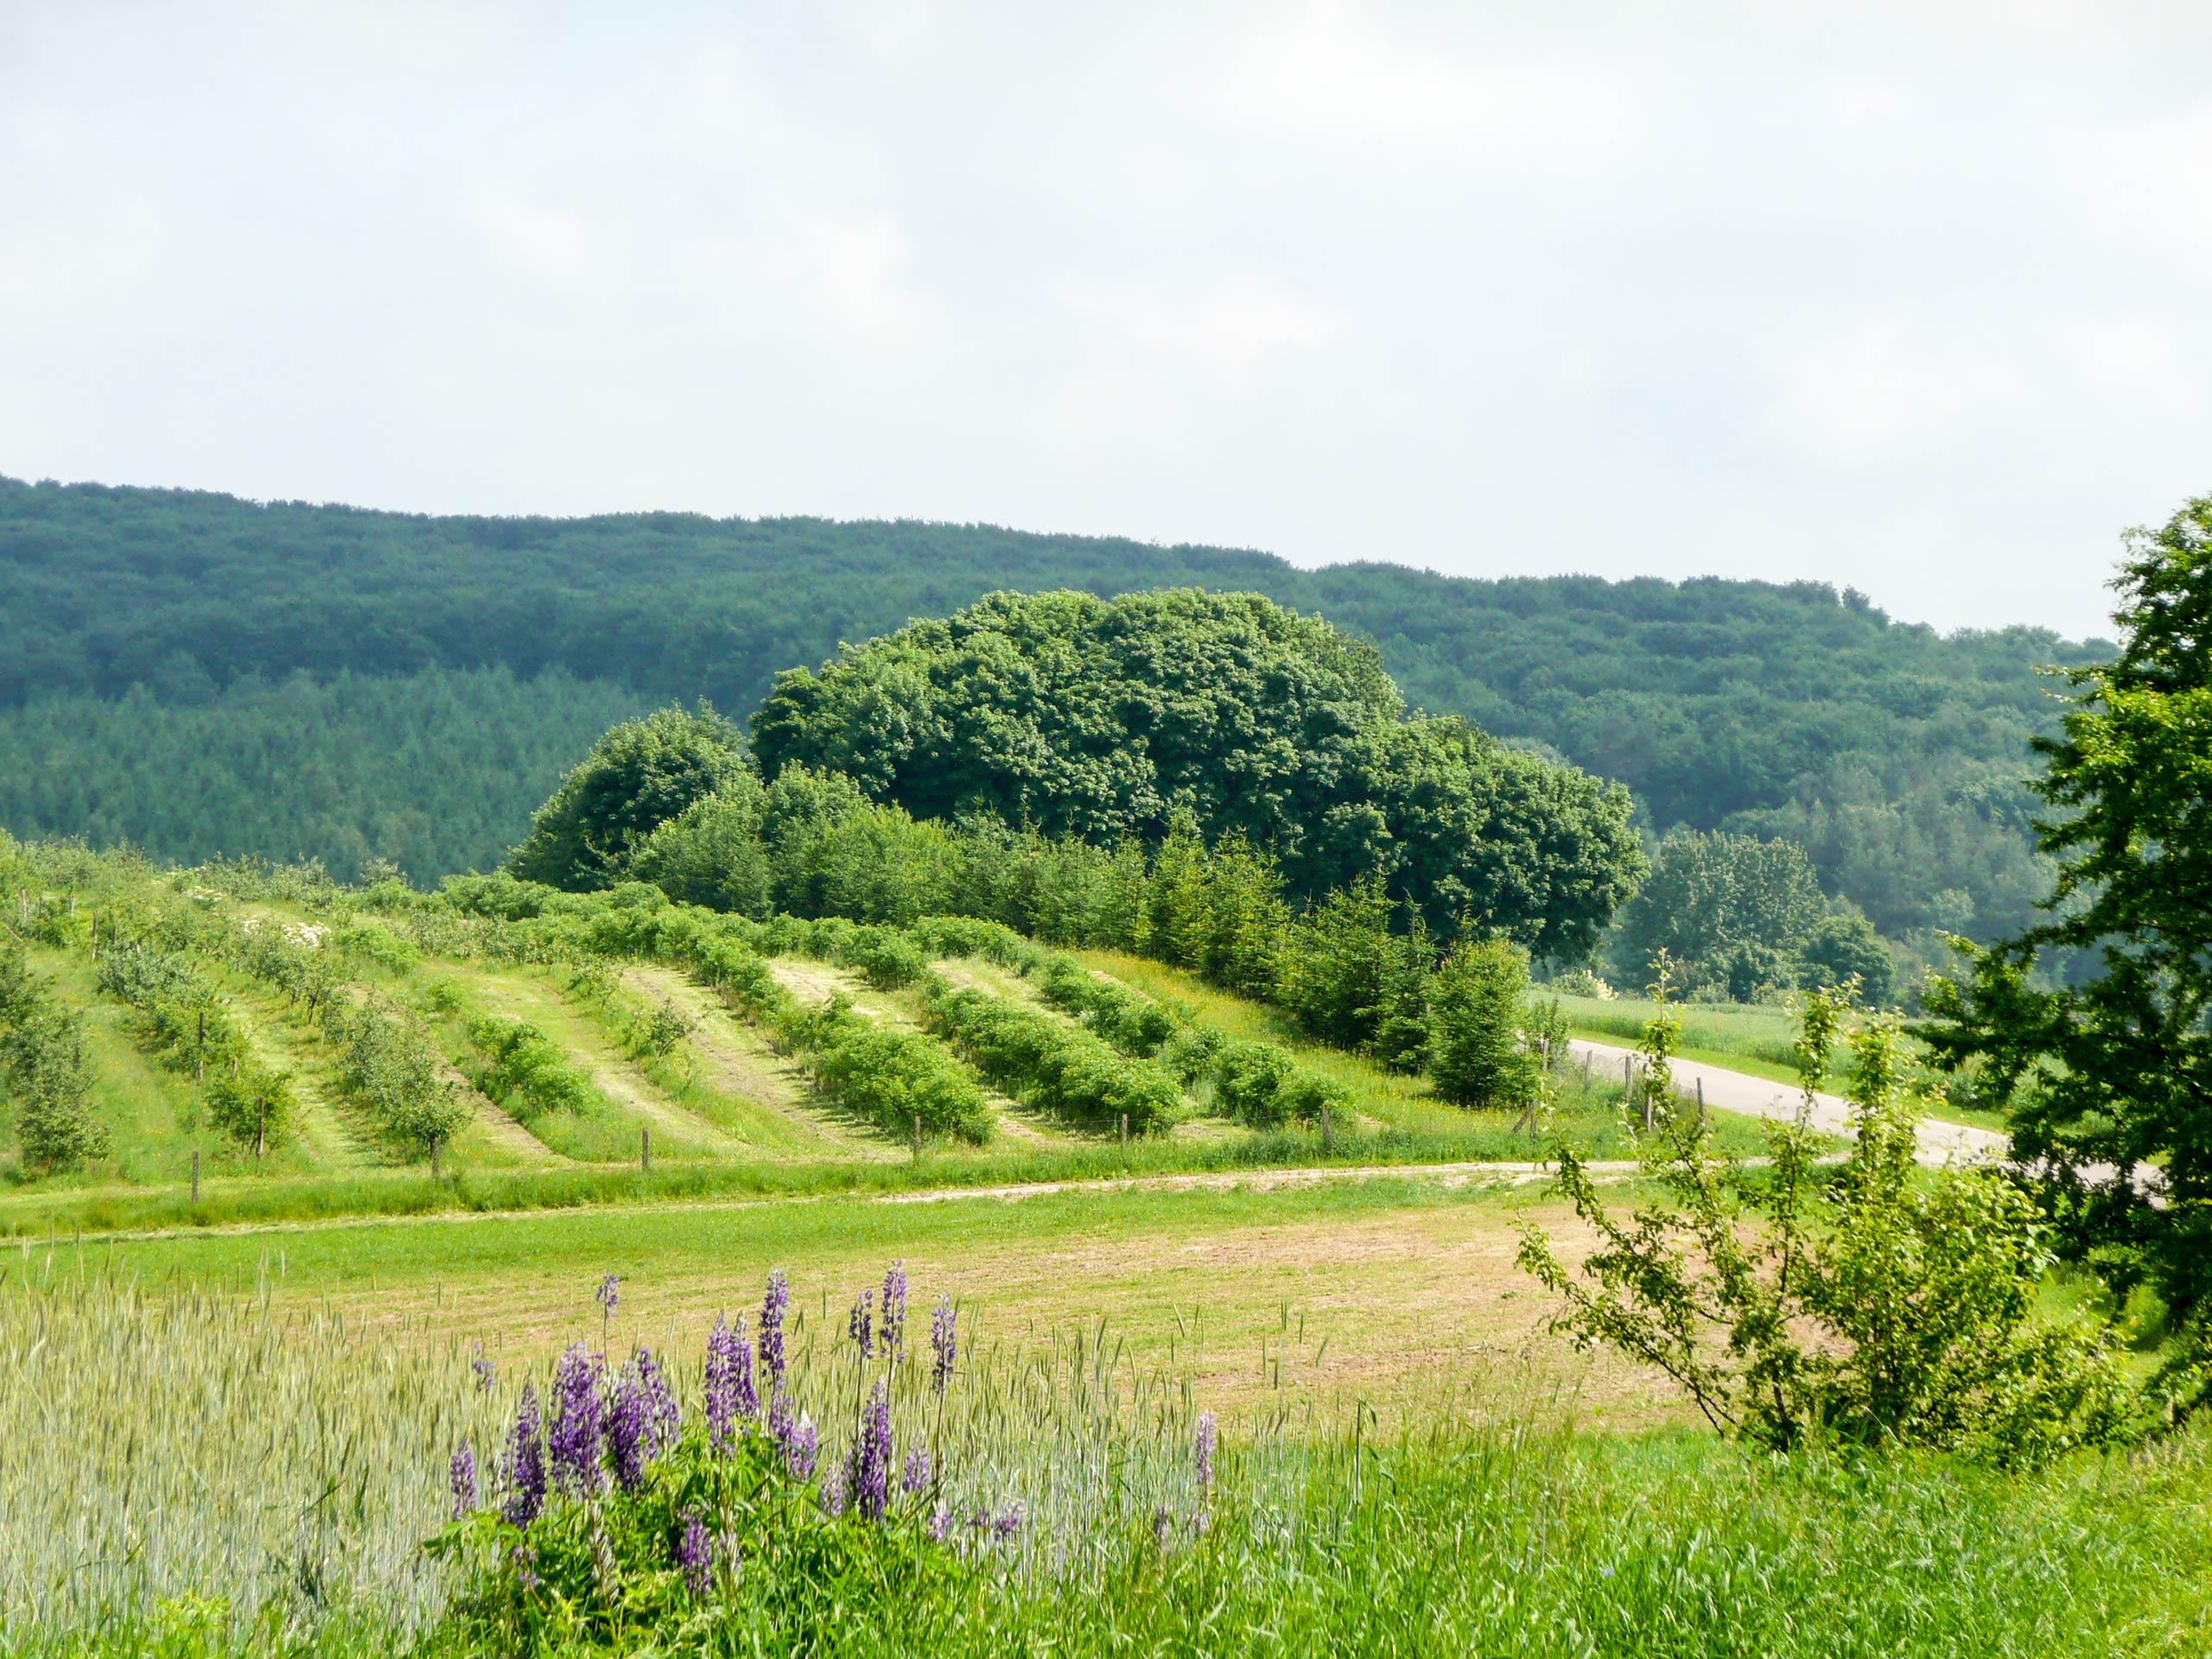 siedlisko wiejskie blisko lasu Olszanka - dom na sprzedaż - Krzysztof Górski Nieruchomości Zamość